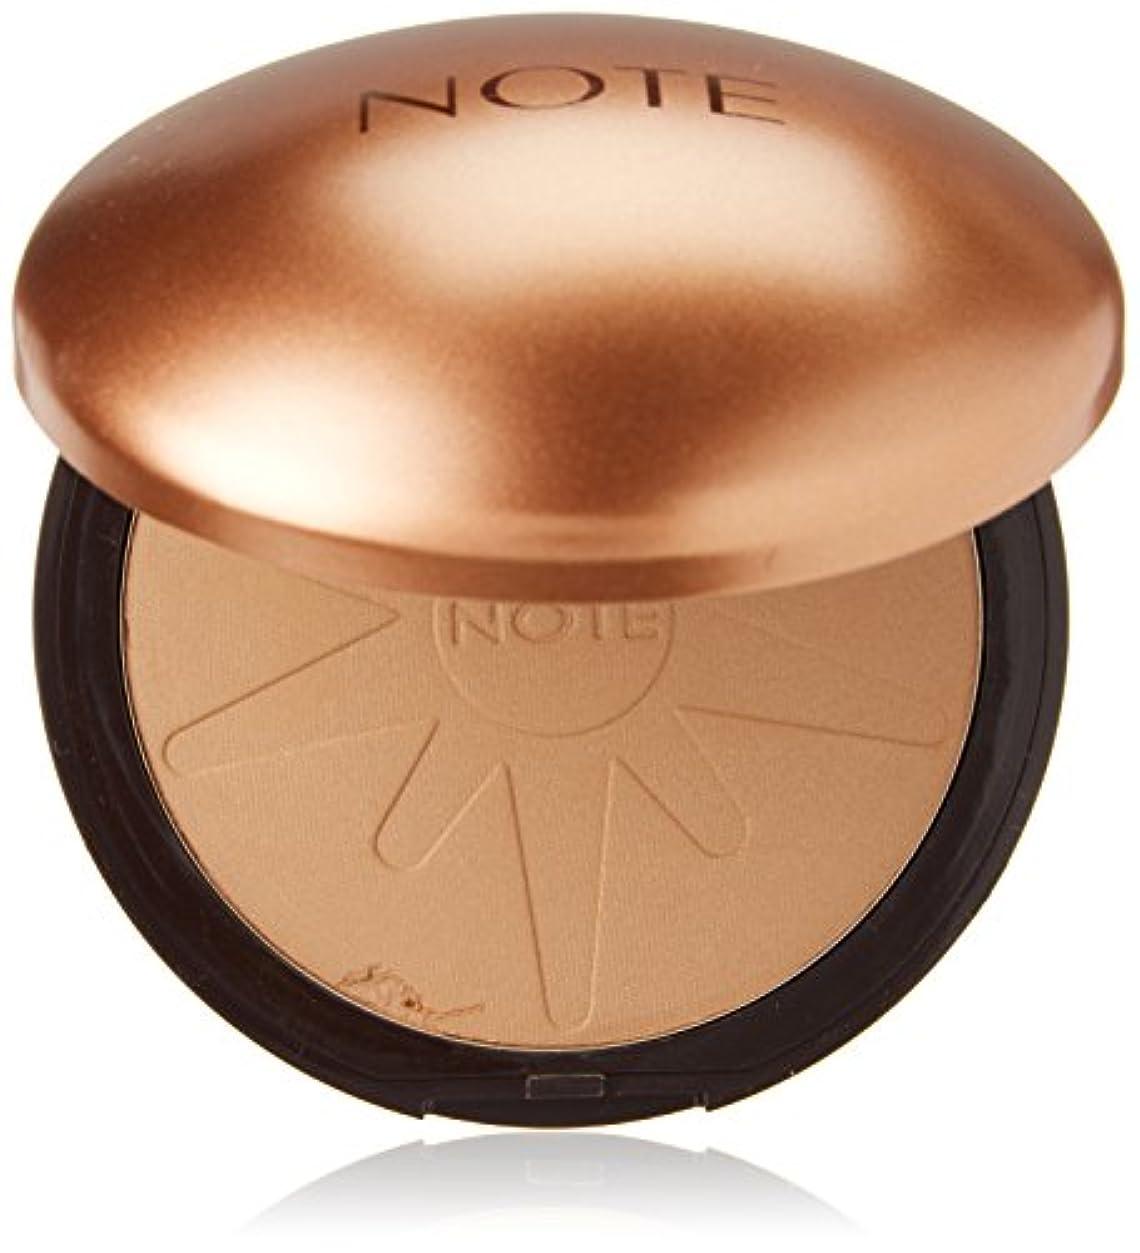 ケーブルカー不振検出器NOTE Cosmetics ブロンジングパウダー、1.1オンス 第20号